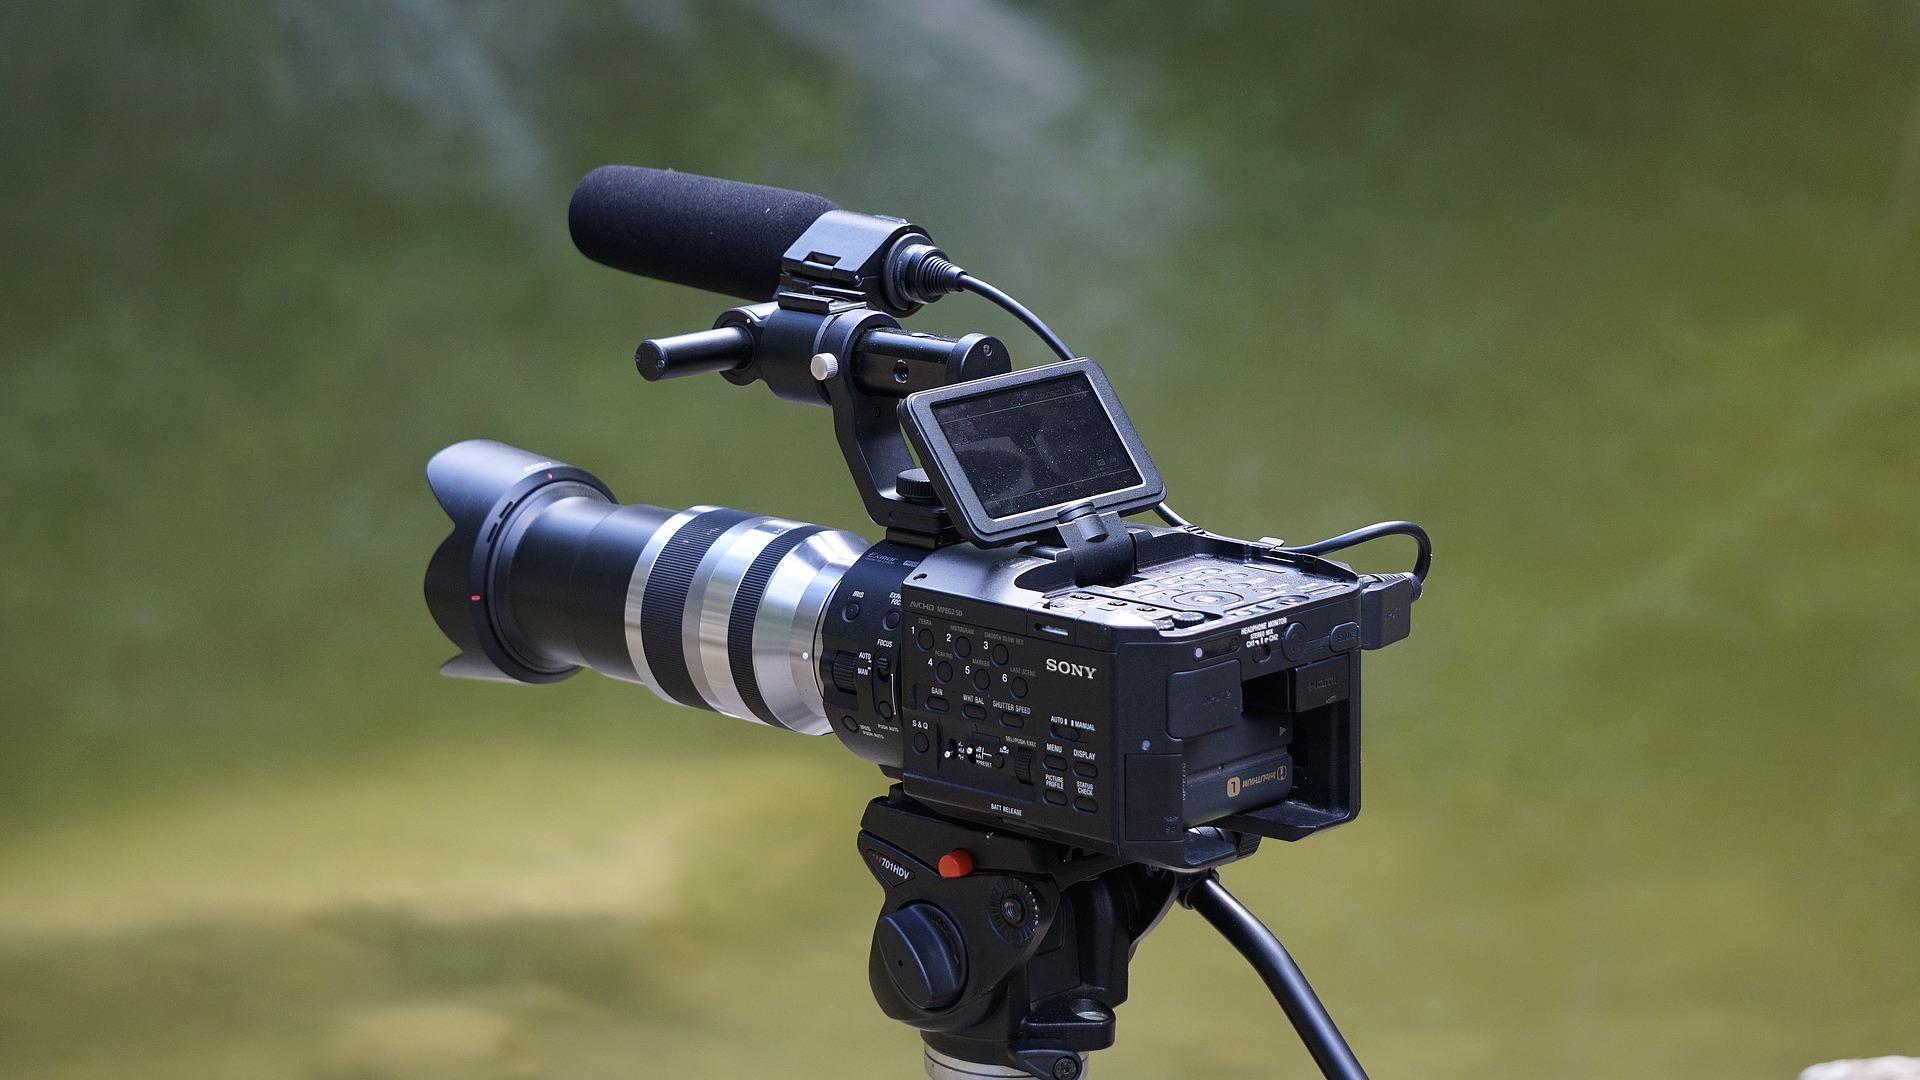 ¿Interesado en hacer una especialización de audiovisual?